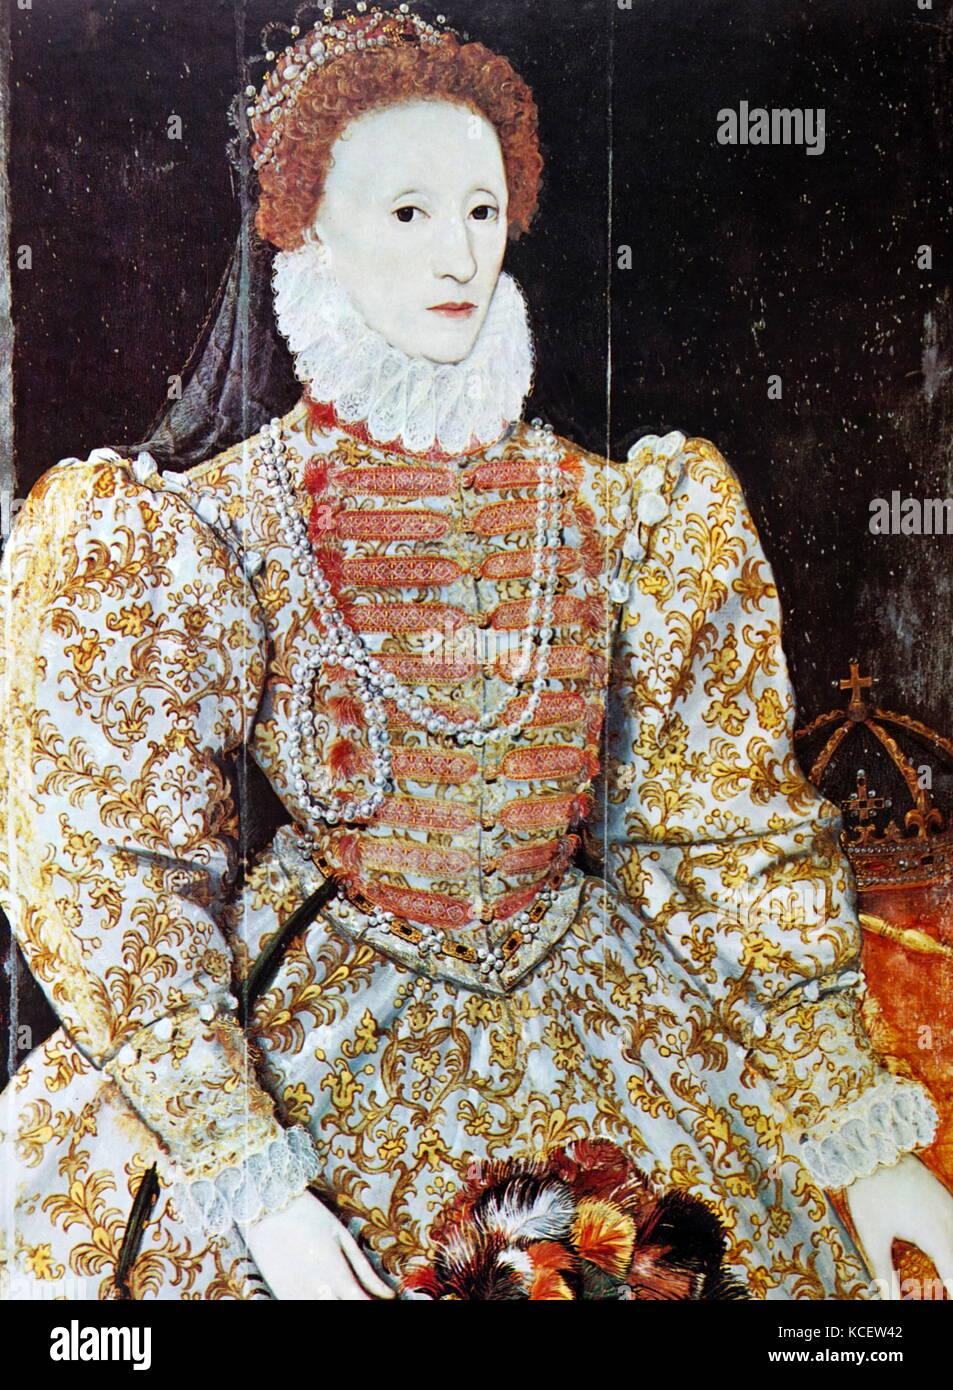 Queen Elizabeth ist dell'inghilterra, (1533-1603). regina 1558-1603. olio su pannello, c2670, da un artista Immagini Stock